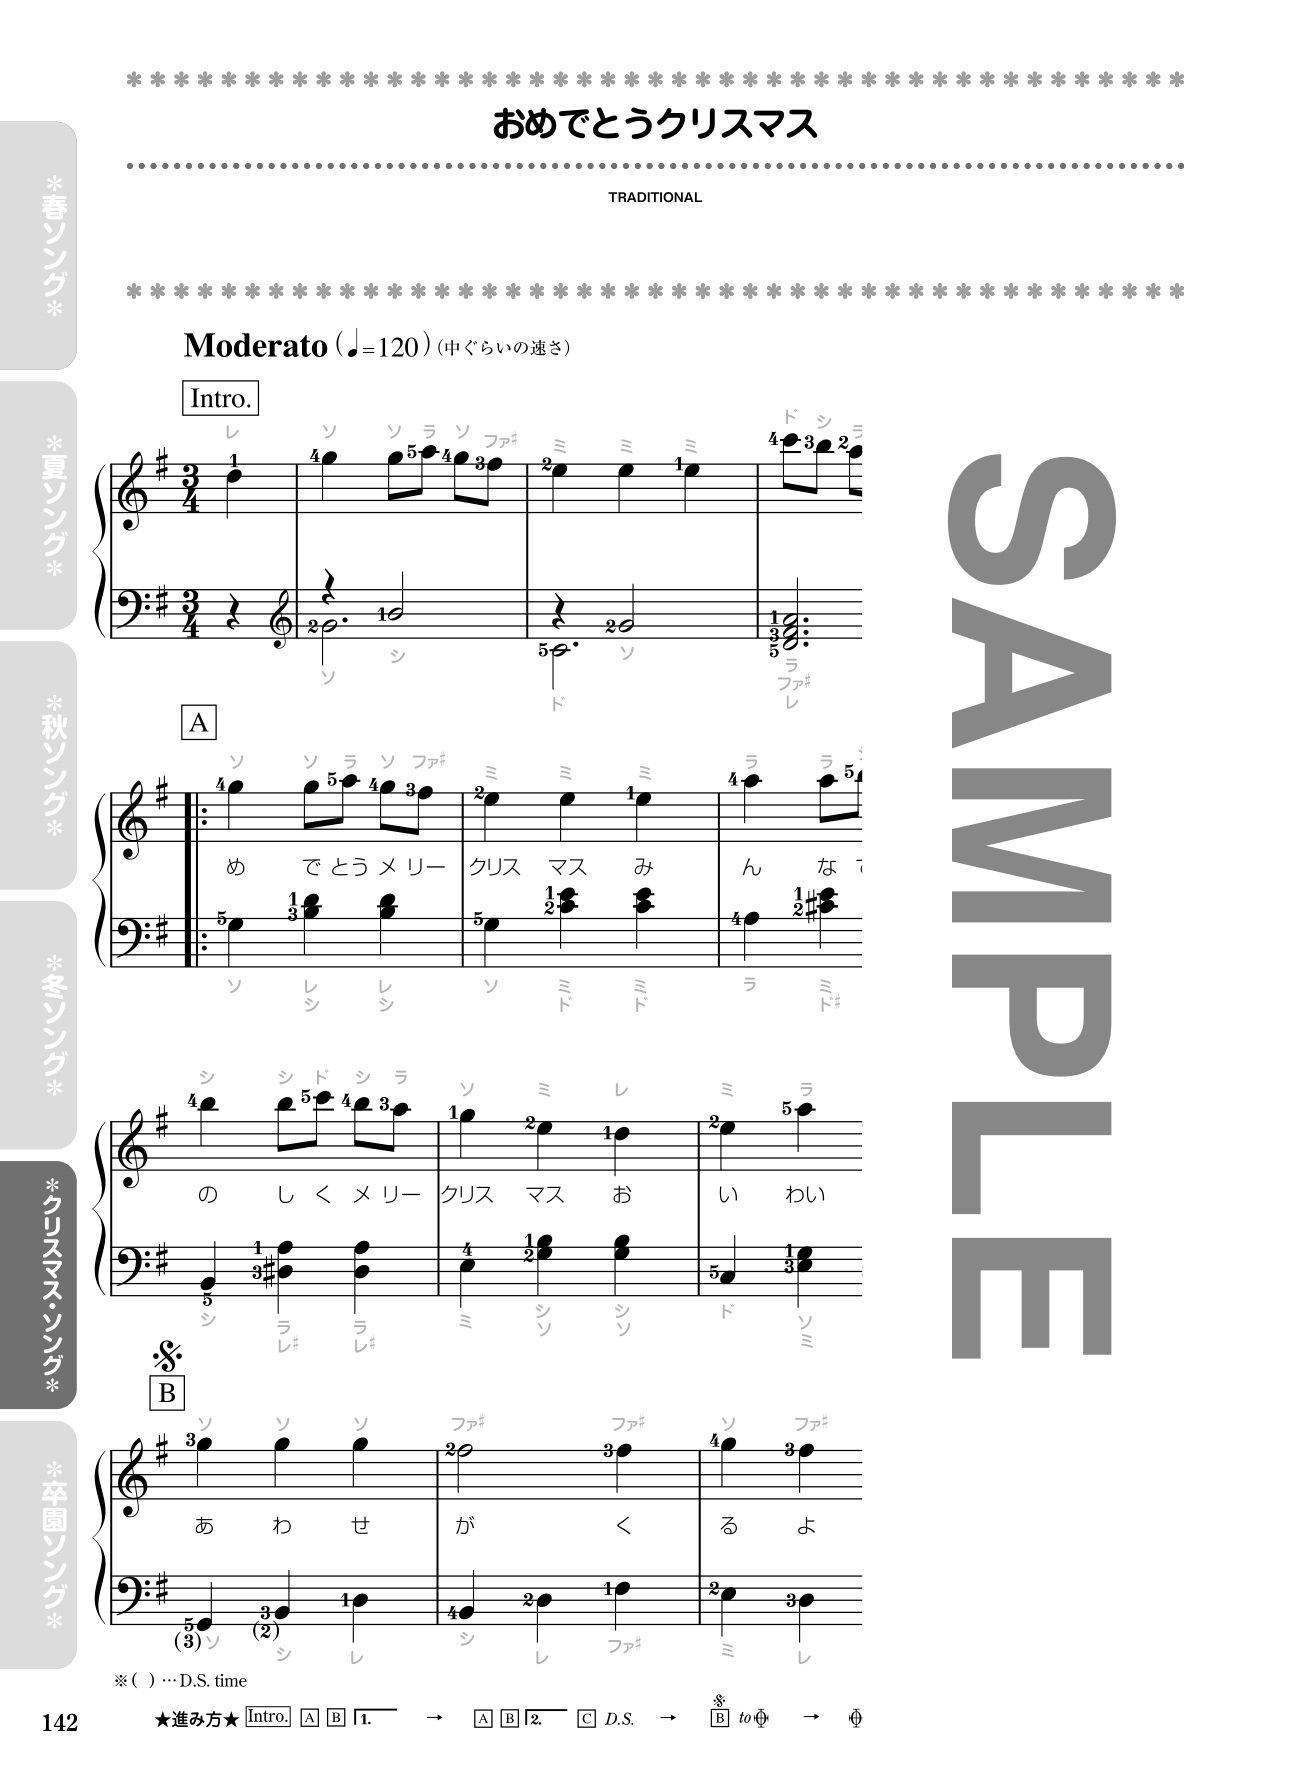 忙しい保育士のためのやさしいピアノ 季節行事のうた名曲集 シンコー